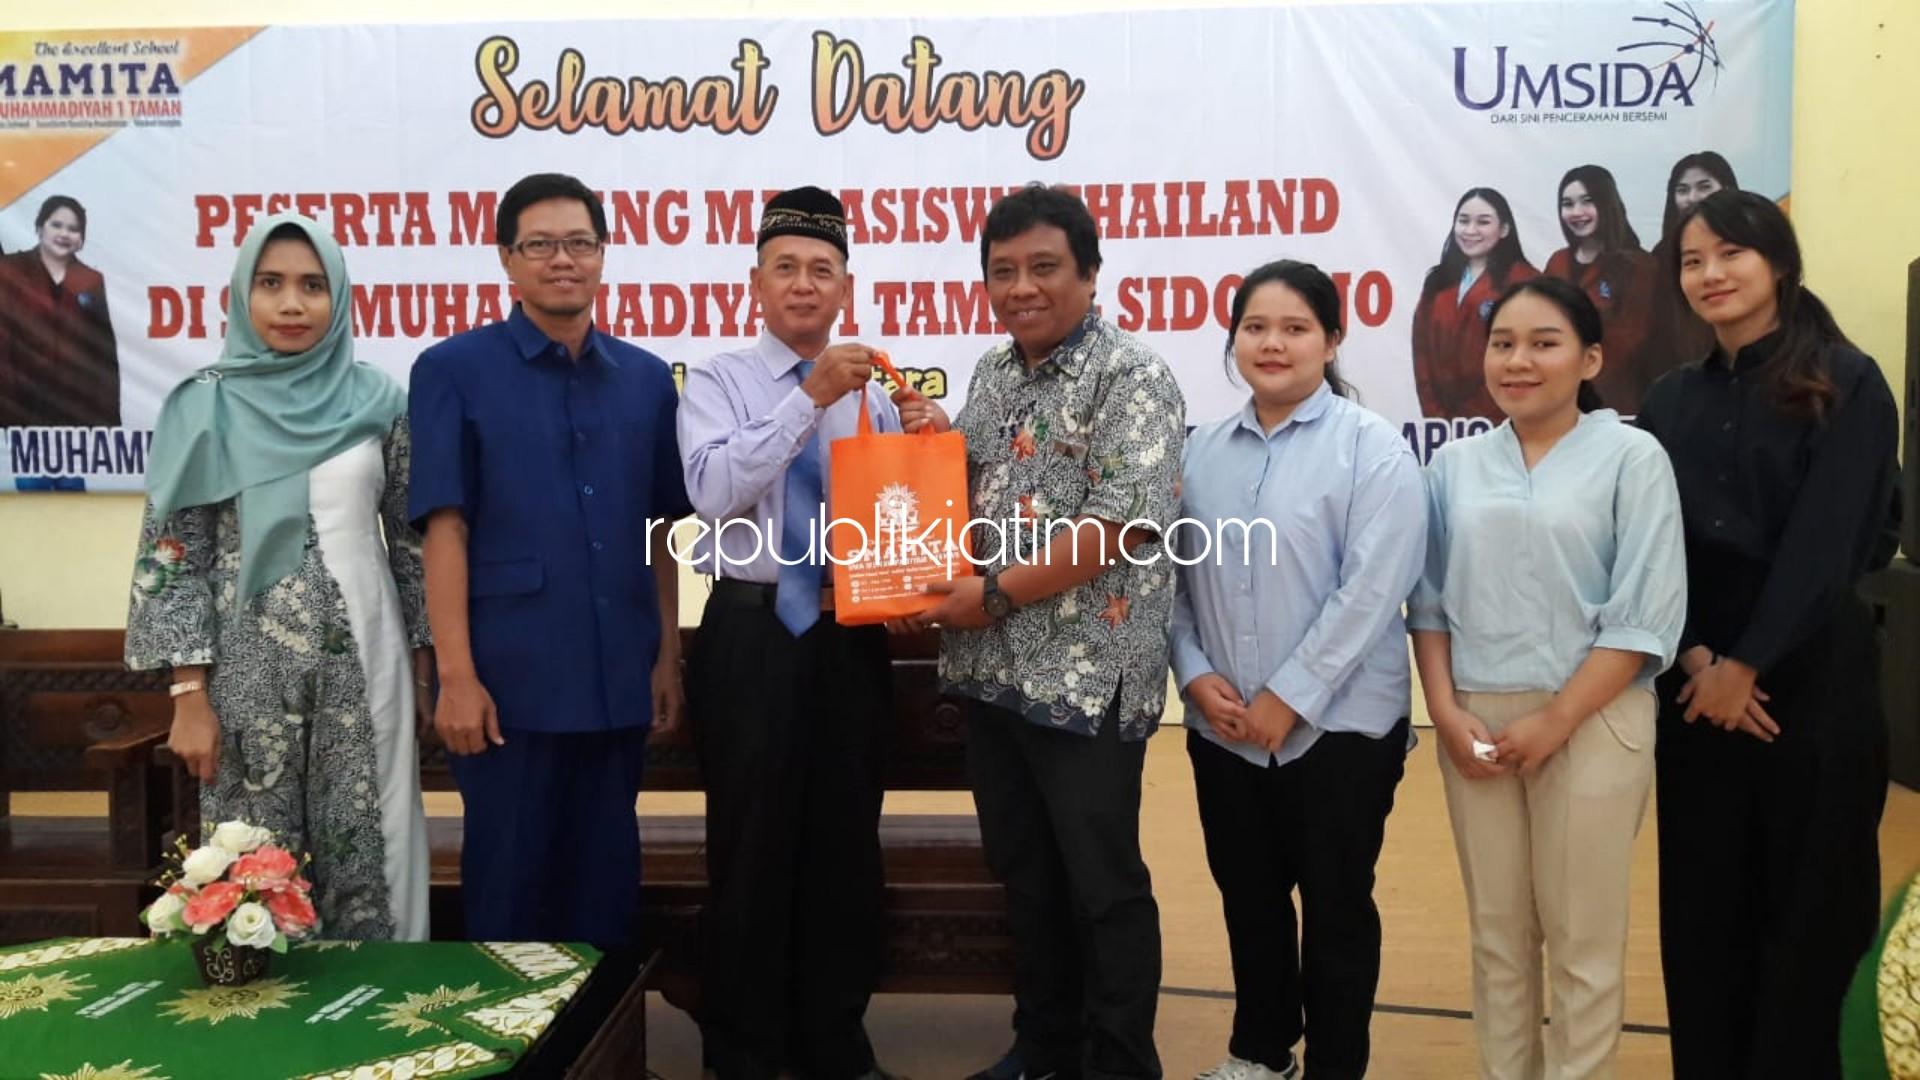 Kunjungan ke 45 Pelajar Luar Negeri, Smamita Terima Magang 3 Mahasiswi Thailand